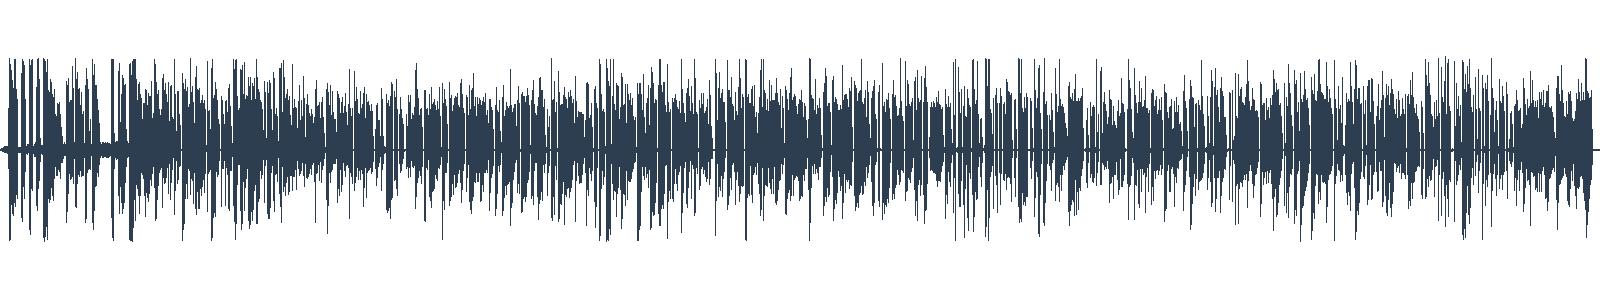 Dominik Dán - Smrť na druhom brehu waveform